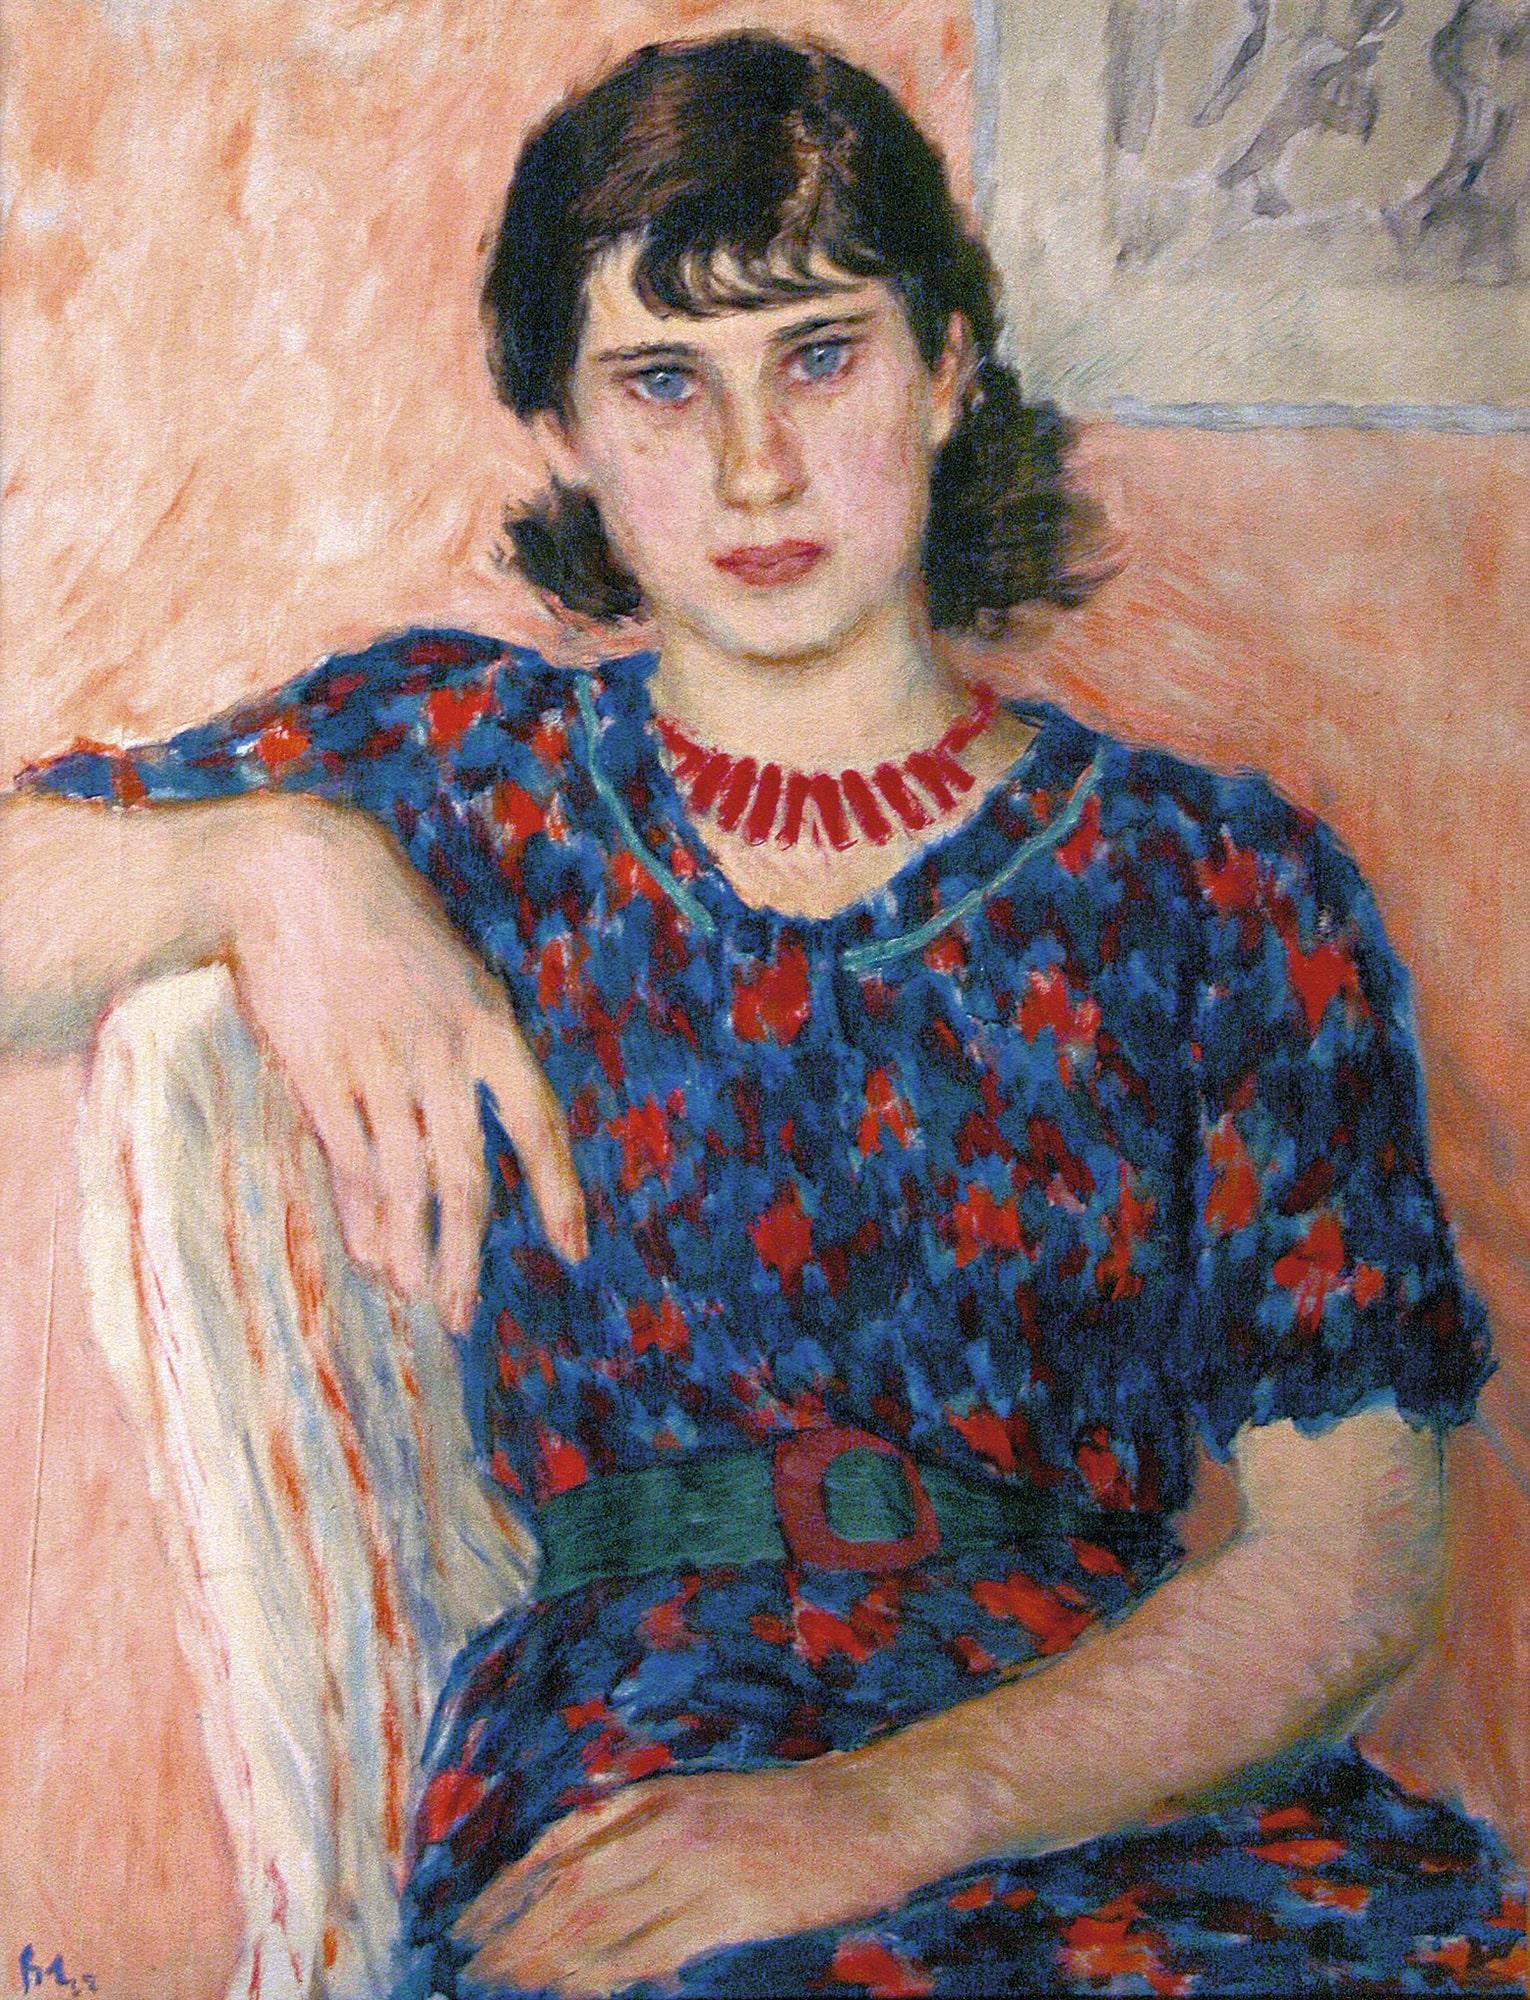 В Музее русского импрессионизма откроется выставка «Охотники за искусством»  | Журнал Esquire.ru